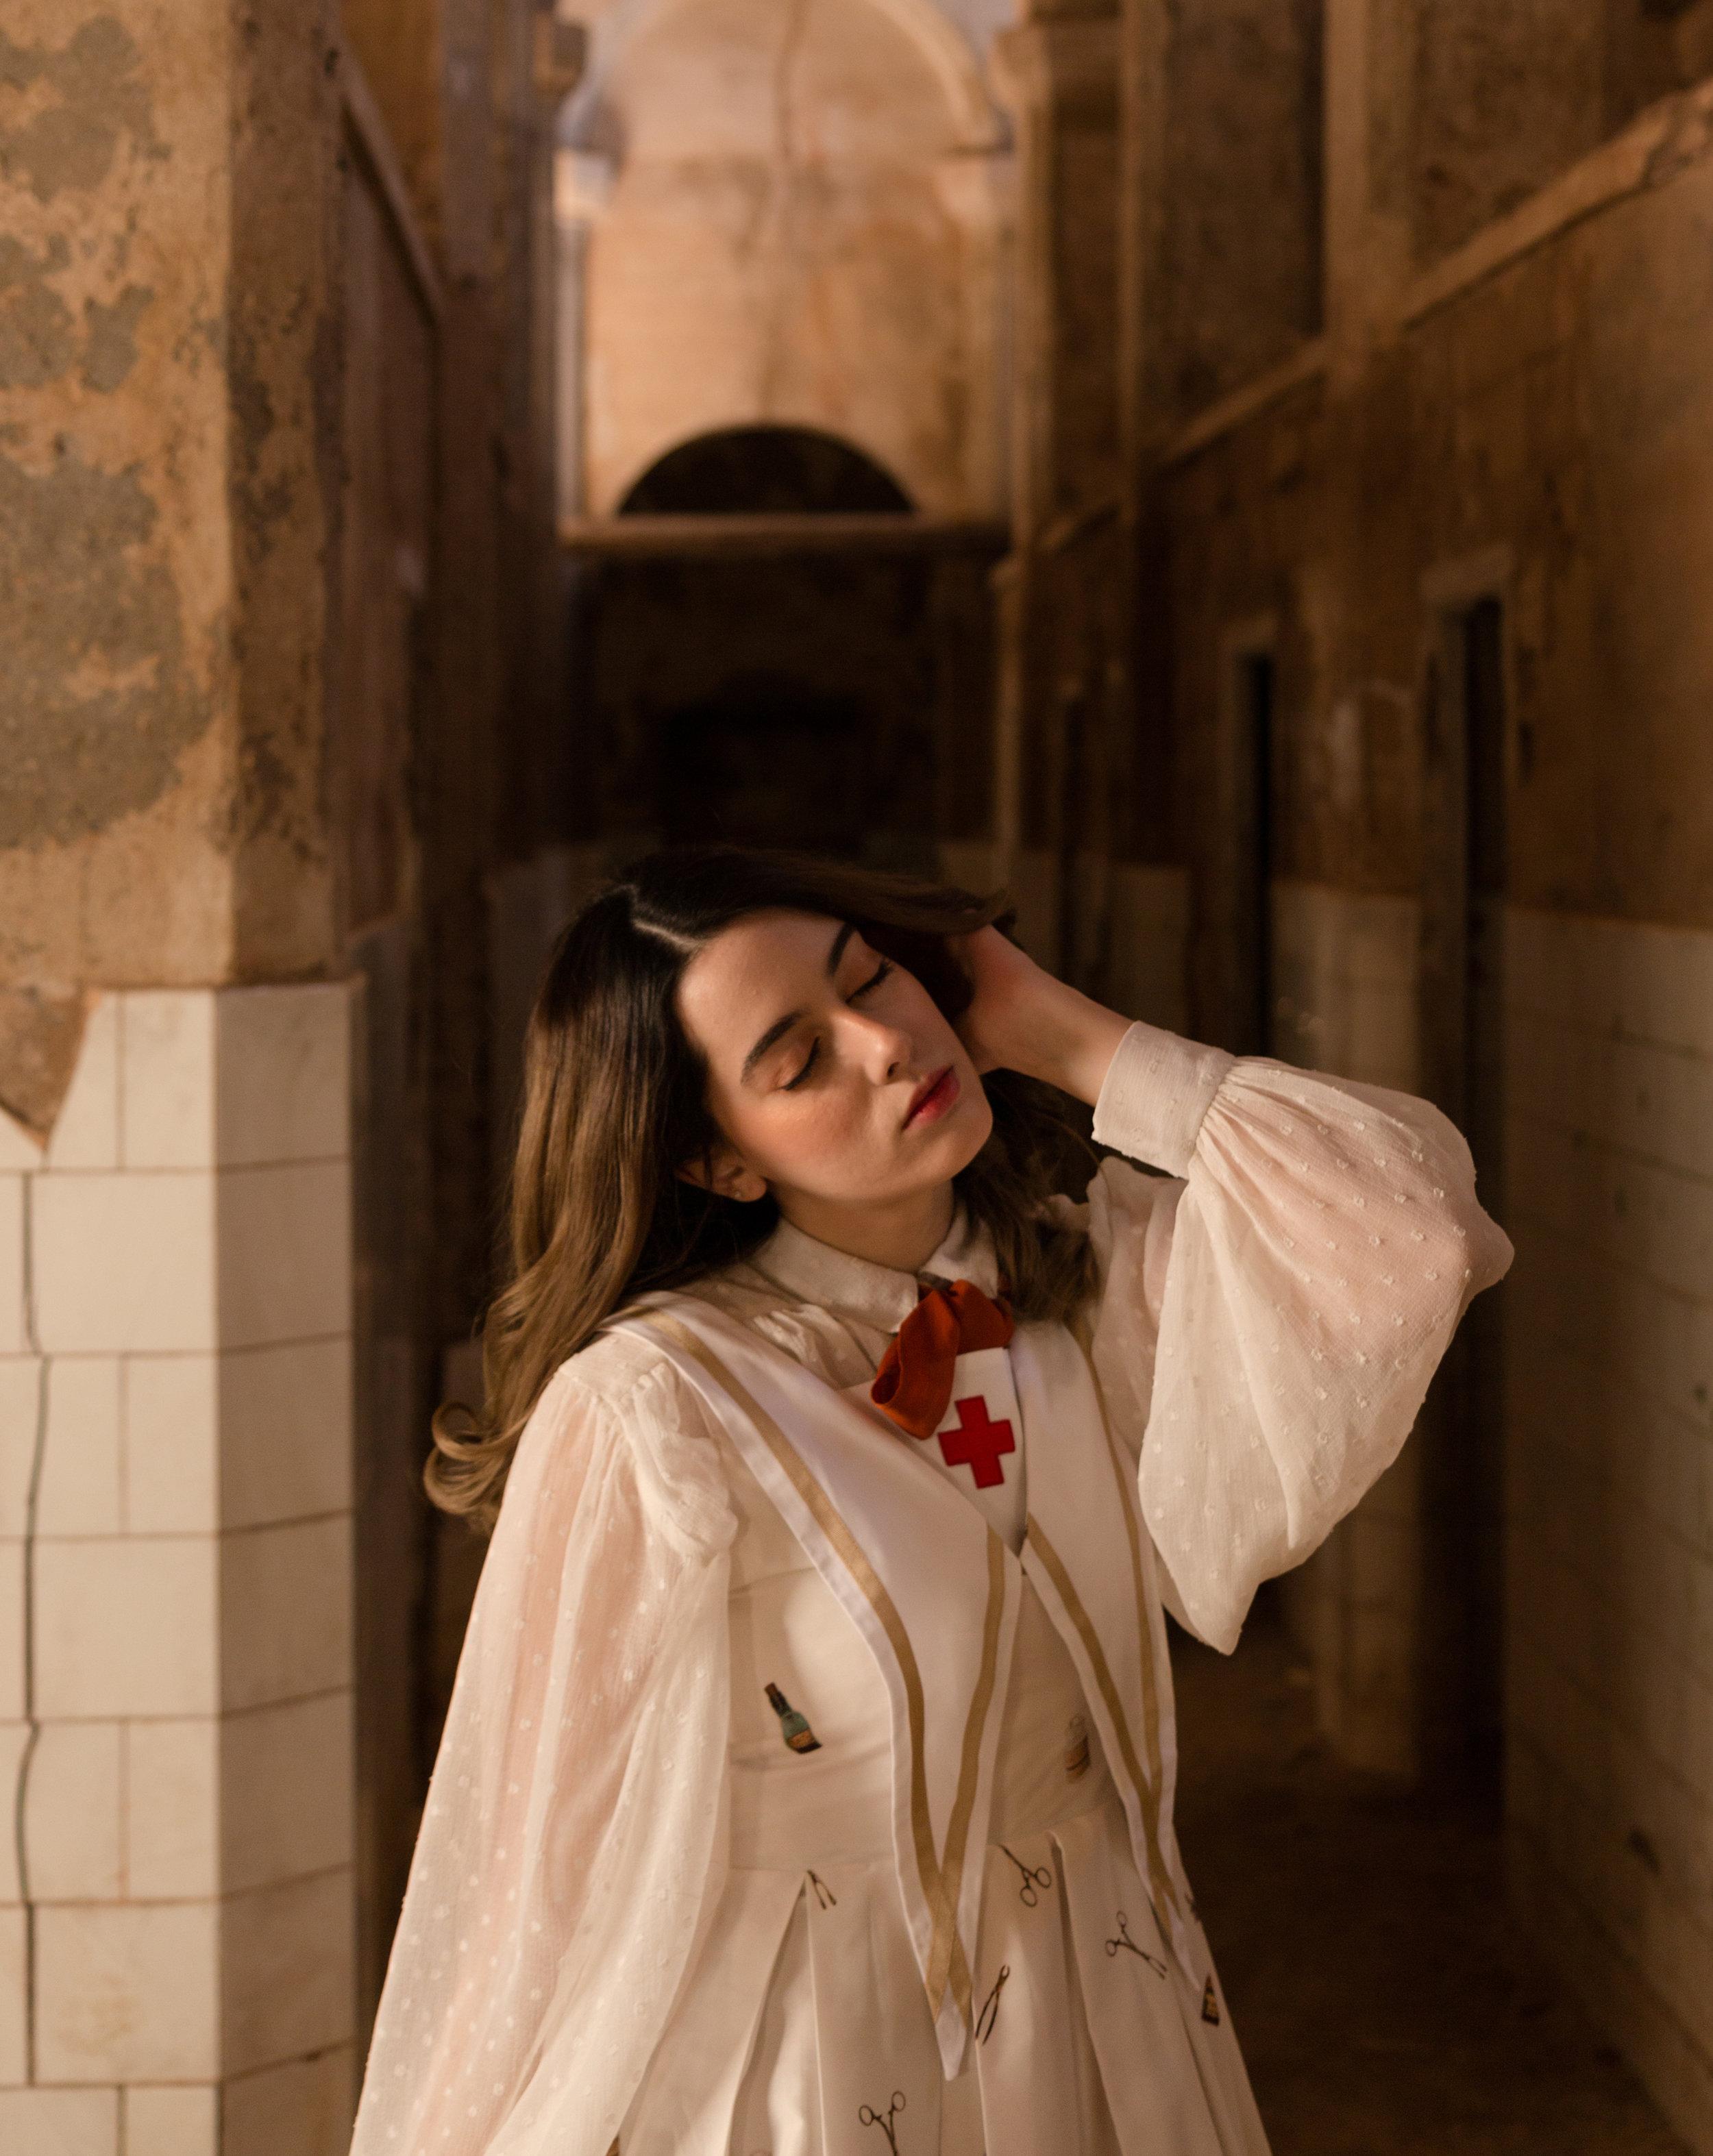 0158 Violet Fane en el Balmeario de la Puda de Montserrat _MG_9730.jpg